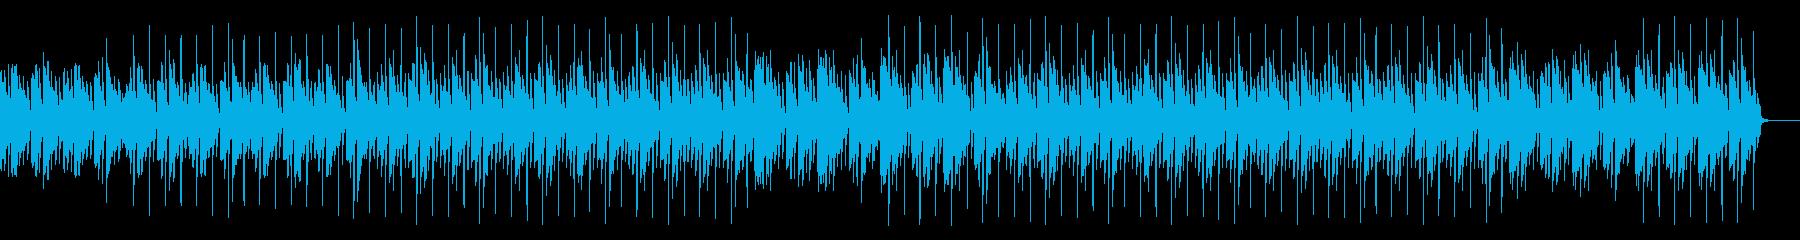 休日・リラックスエンディングチルアウトの再生済みの波形